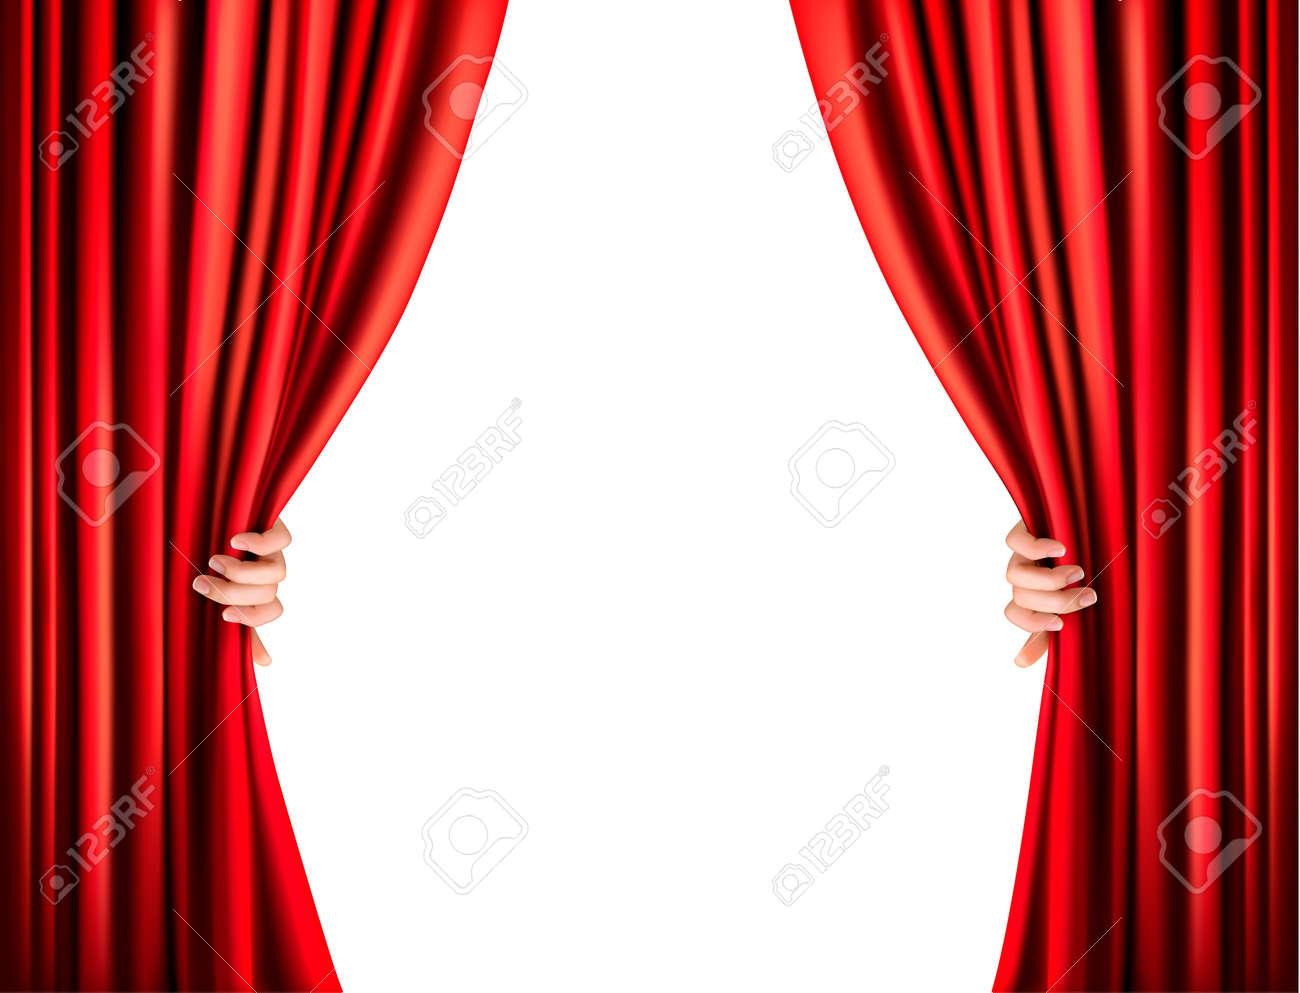 background with red velvet curtain vector stock vector - Velvet Curtain